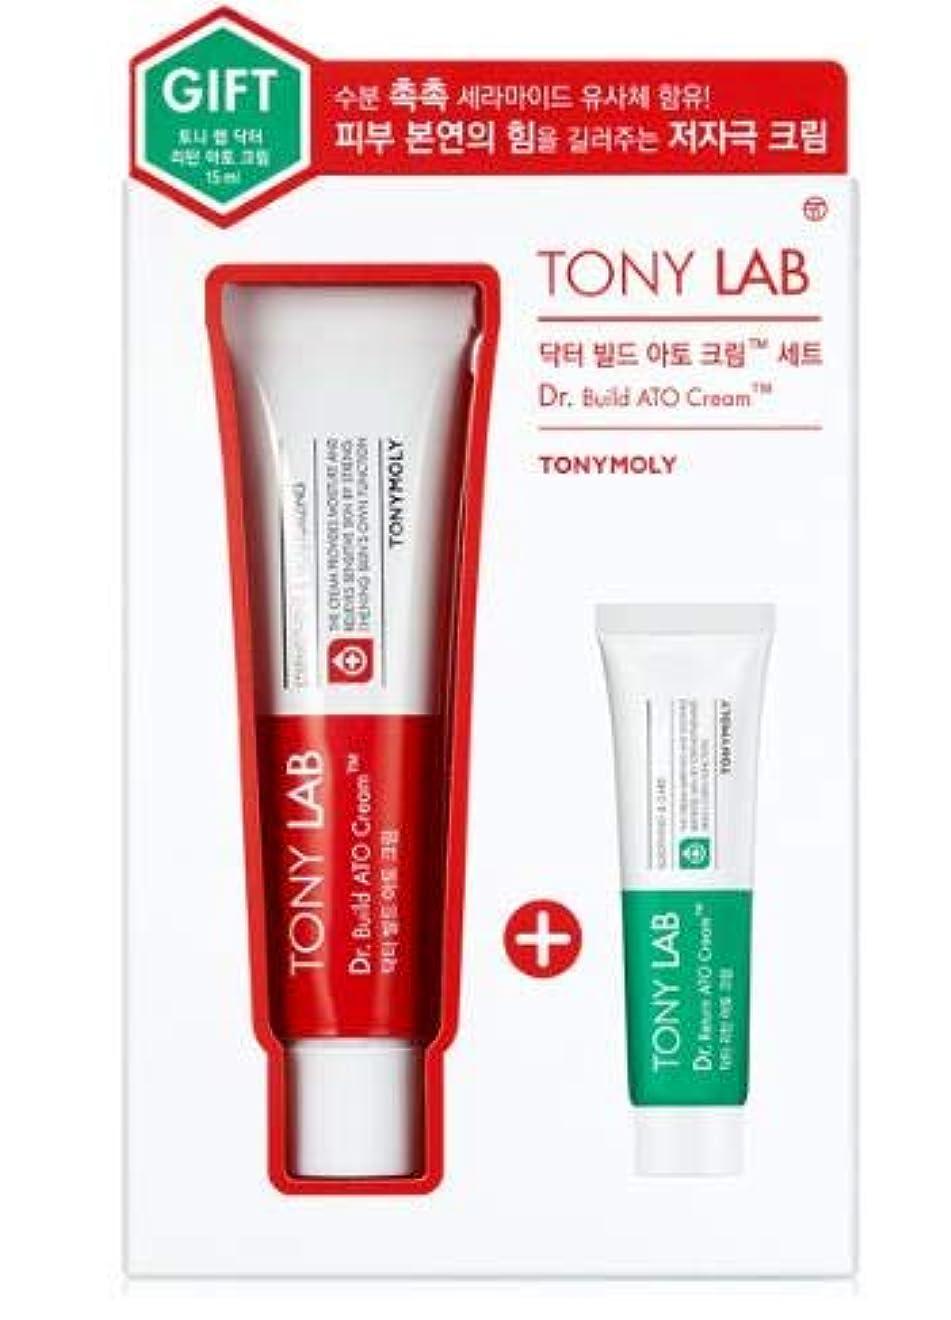 薄いです脊椎誇張するTONY MOLY Tony Lab Dr. Build ATO Cream トニーモリー トニーラボ ドクター ビルド アト クリーム [並行輸入品]